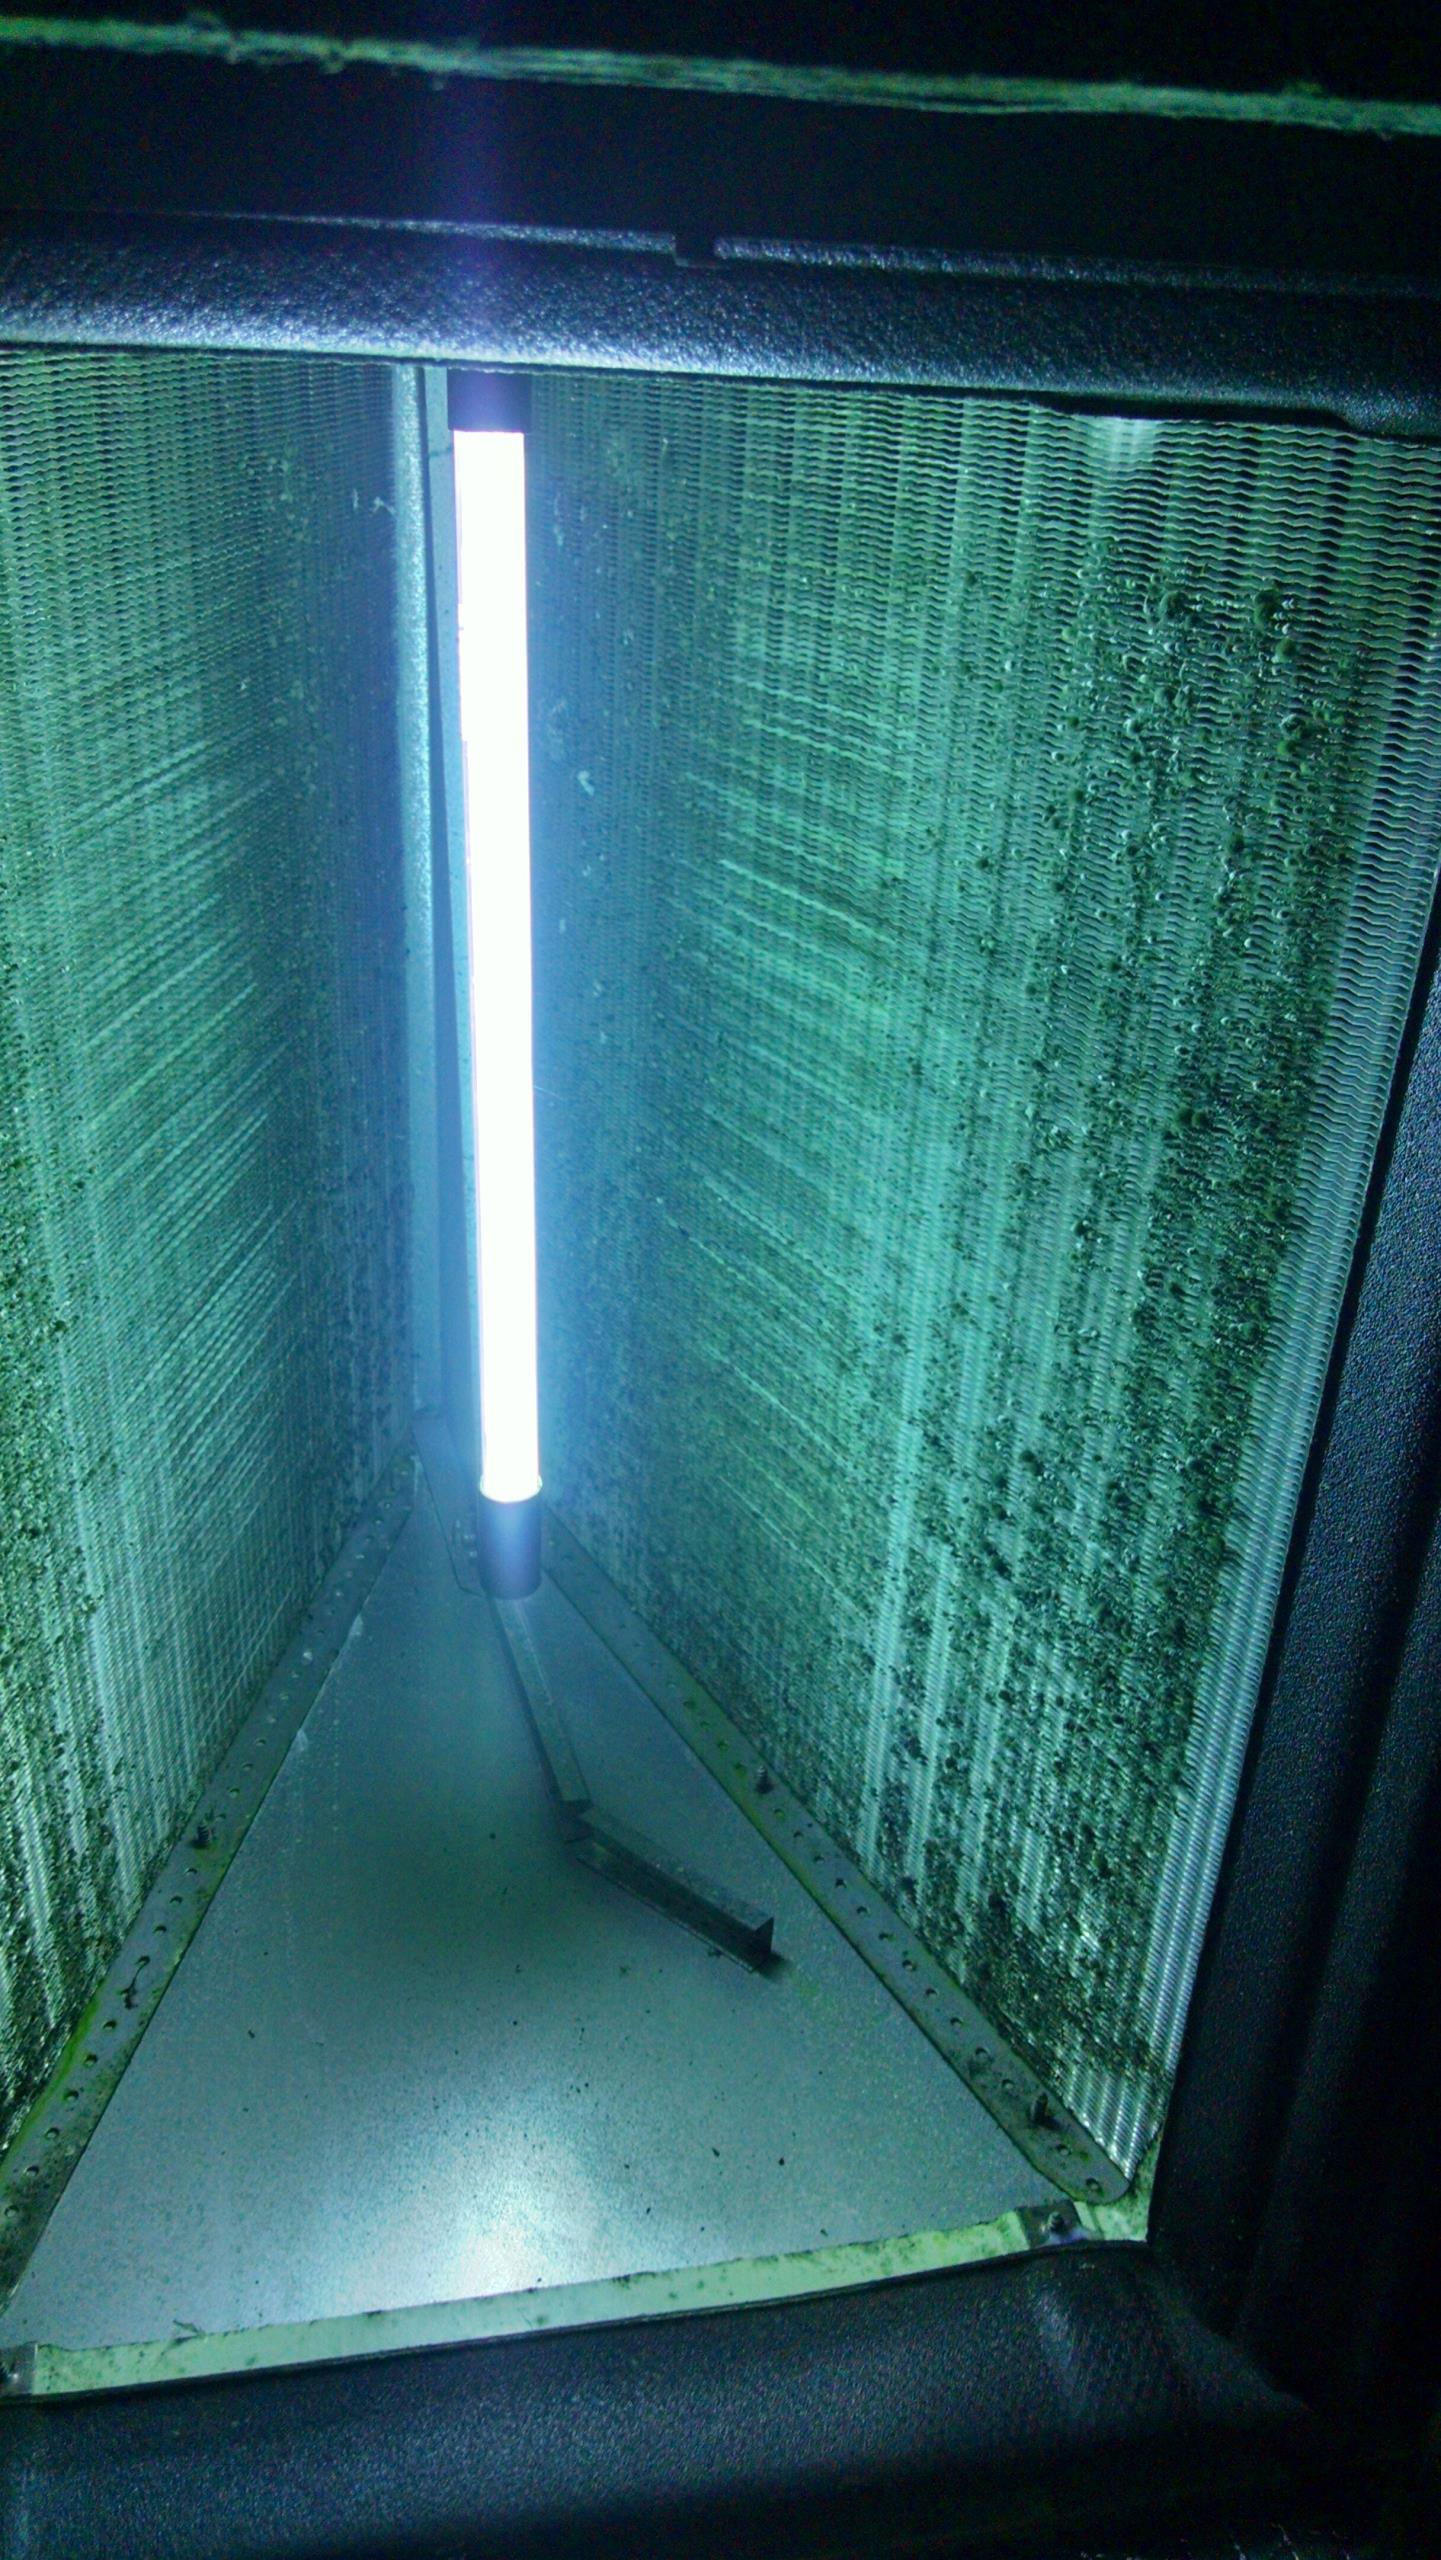 Install RGF BLU UV Coil Light in Lennox evaporator coil